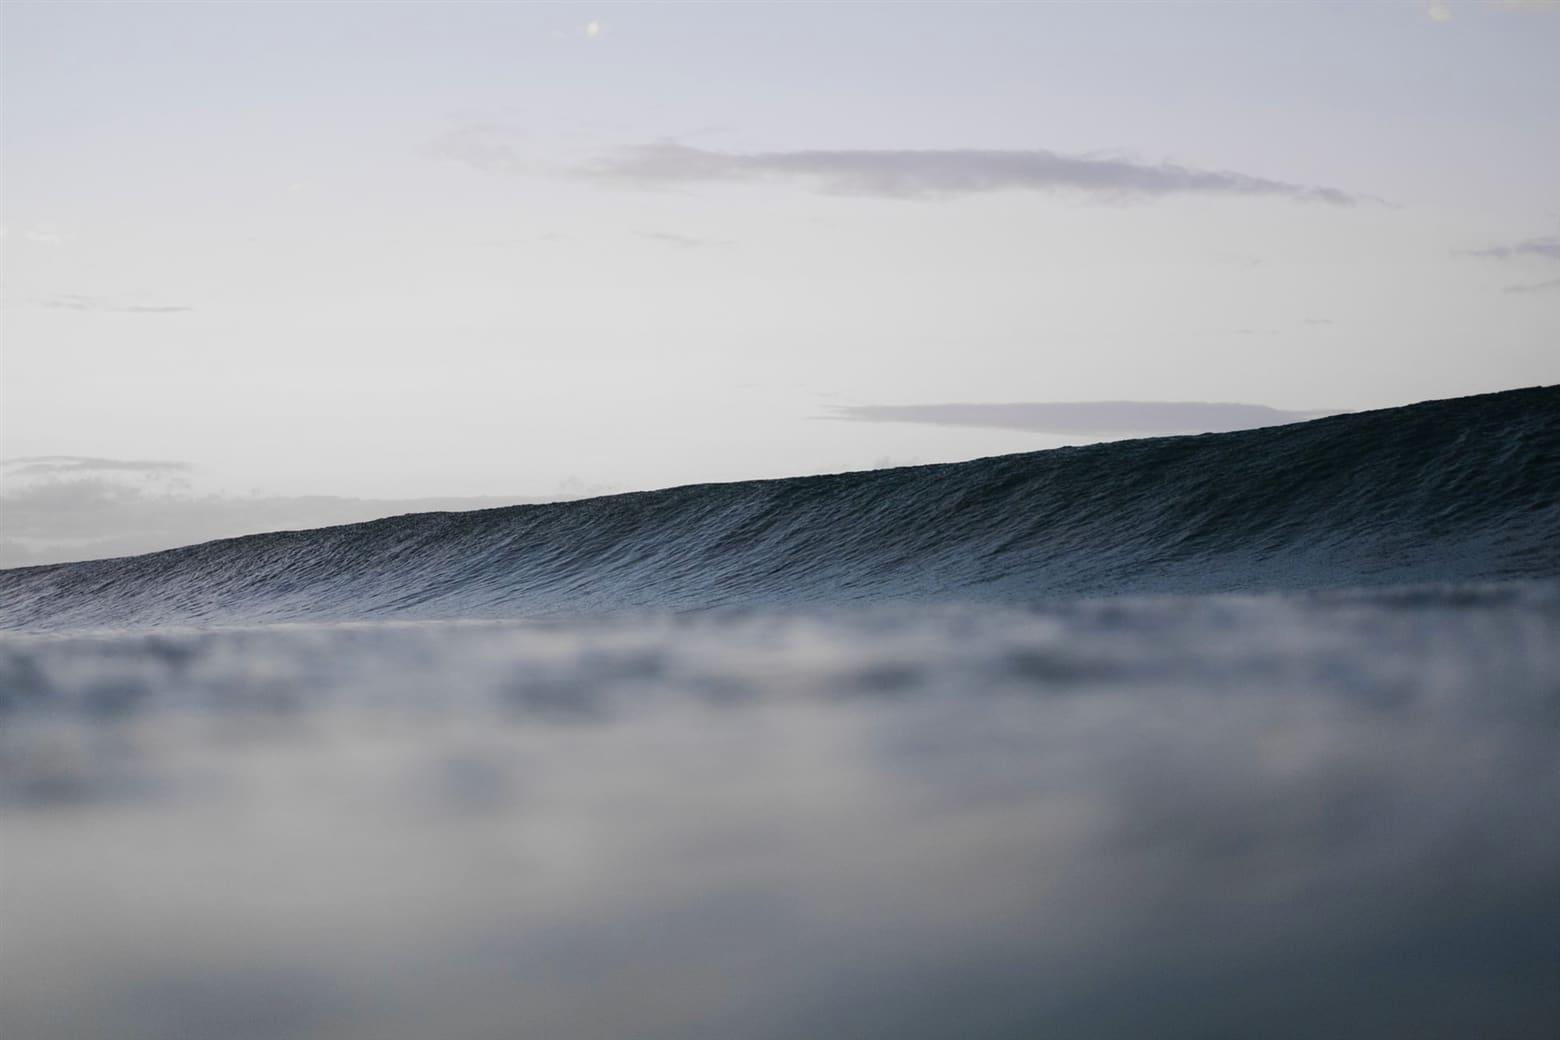 horaires marées Ecretteville-sur-mer